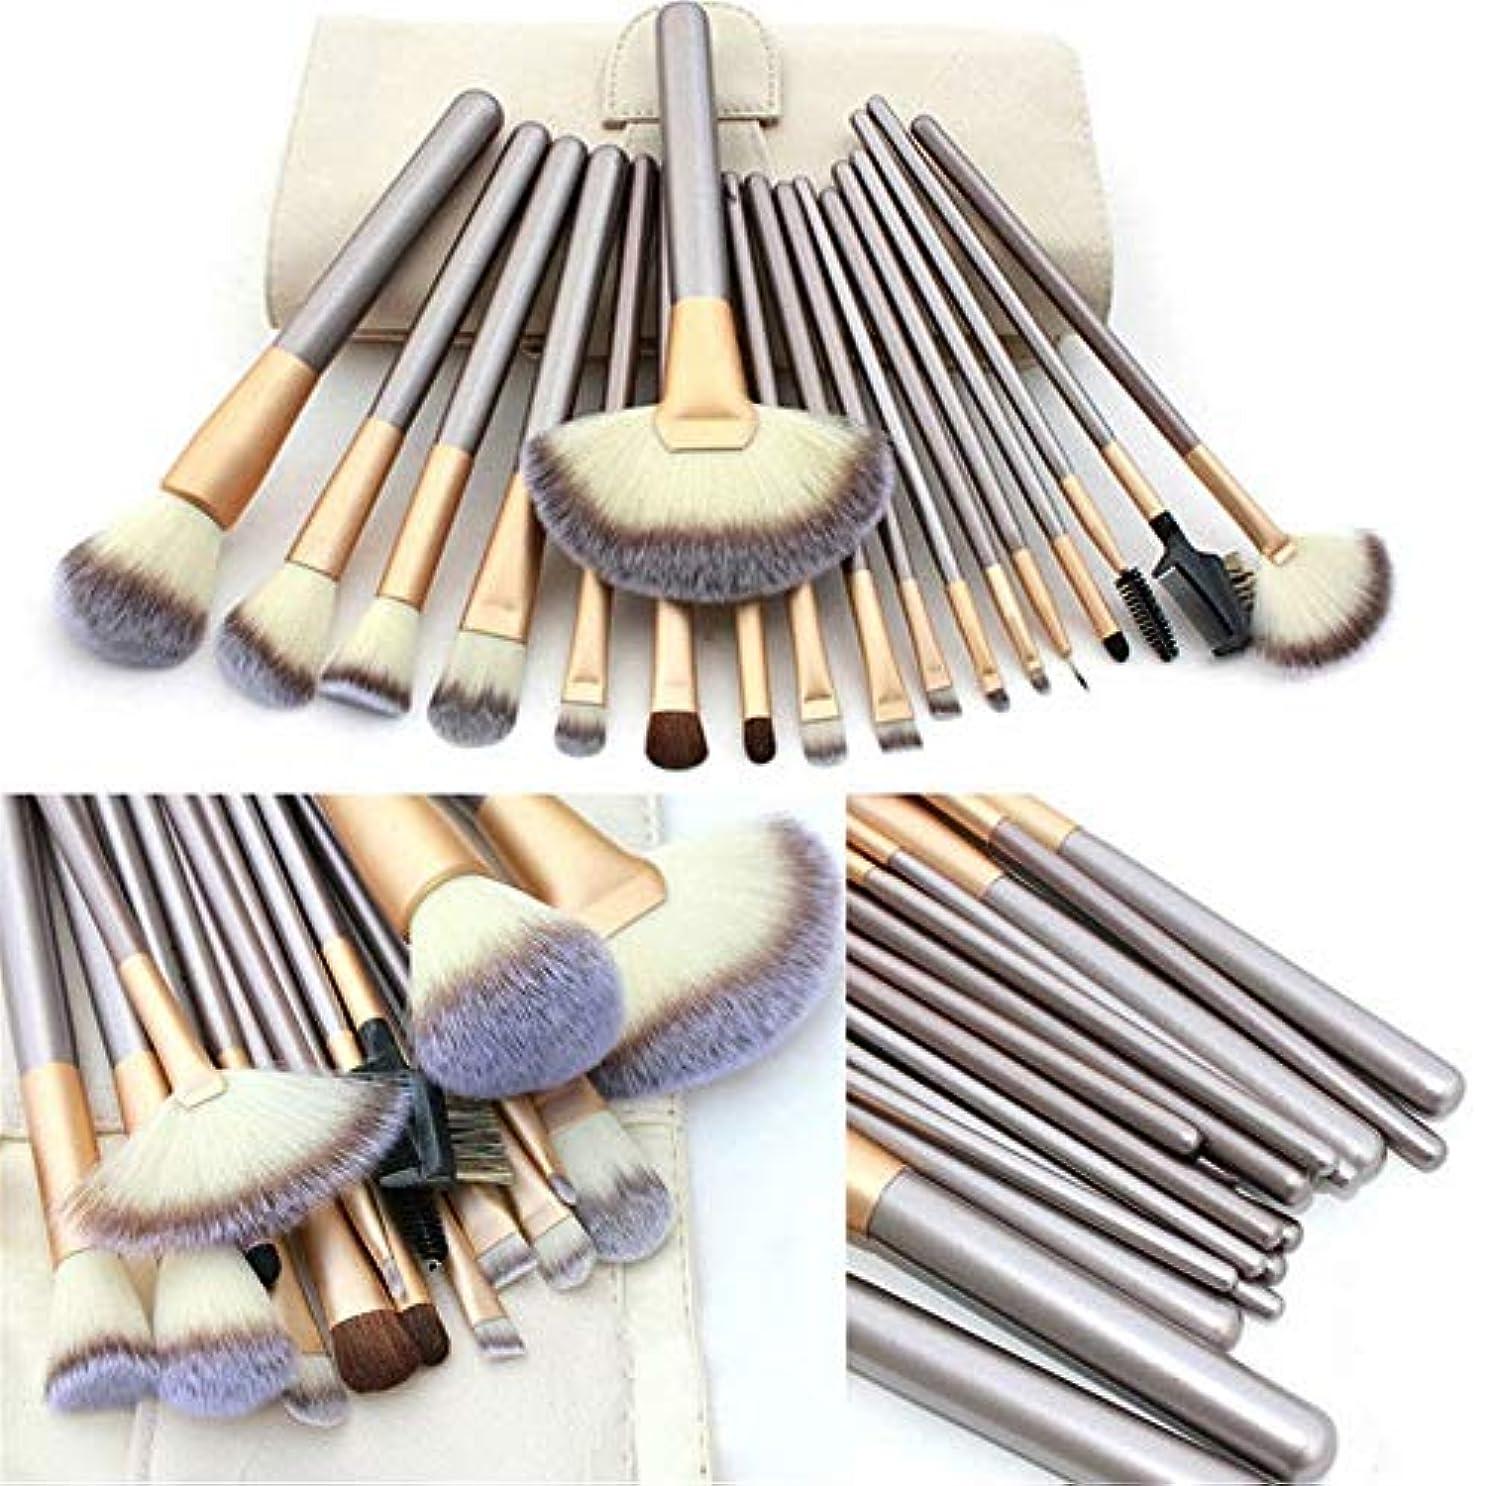 八短くする電話するMakeup brushes ナイロンヘア、PUレザーエクリュメイクアップブラシセットポーチ、18個プロフェッショナルメイクアップブラシカウンターシンク suits (Color : Beige)